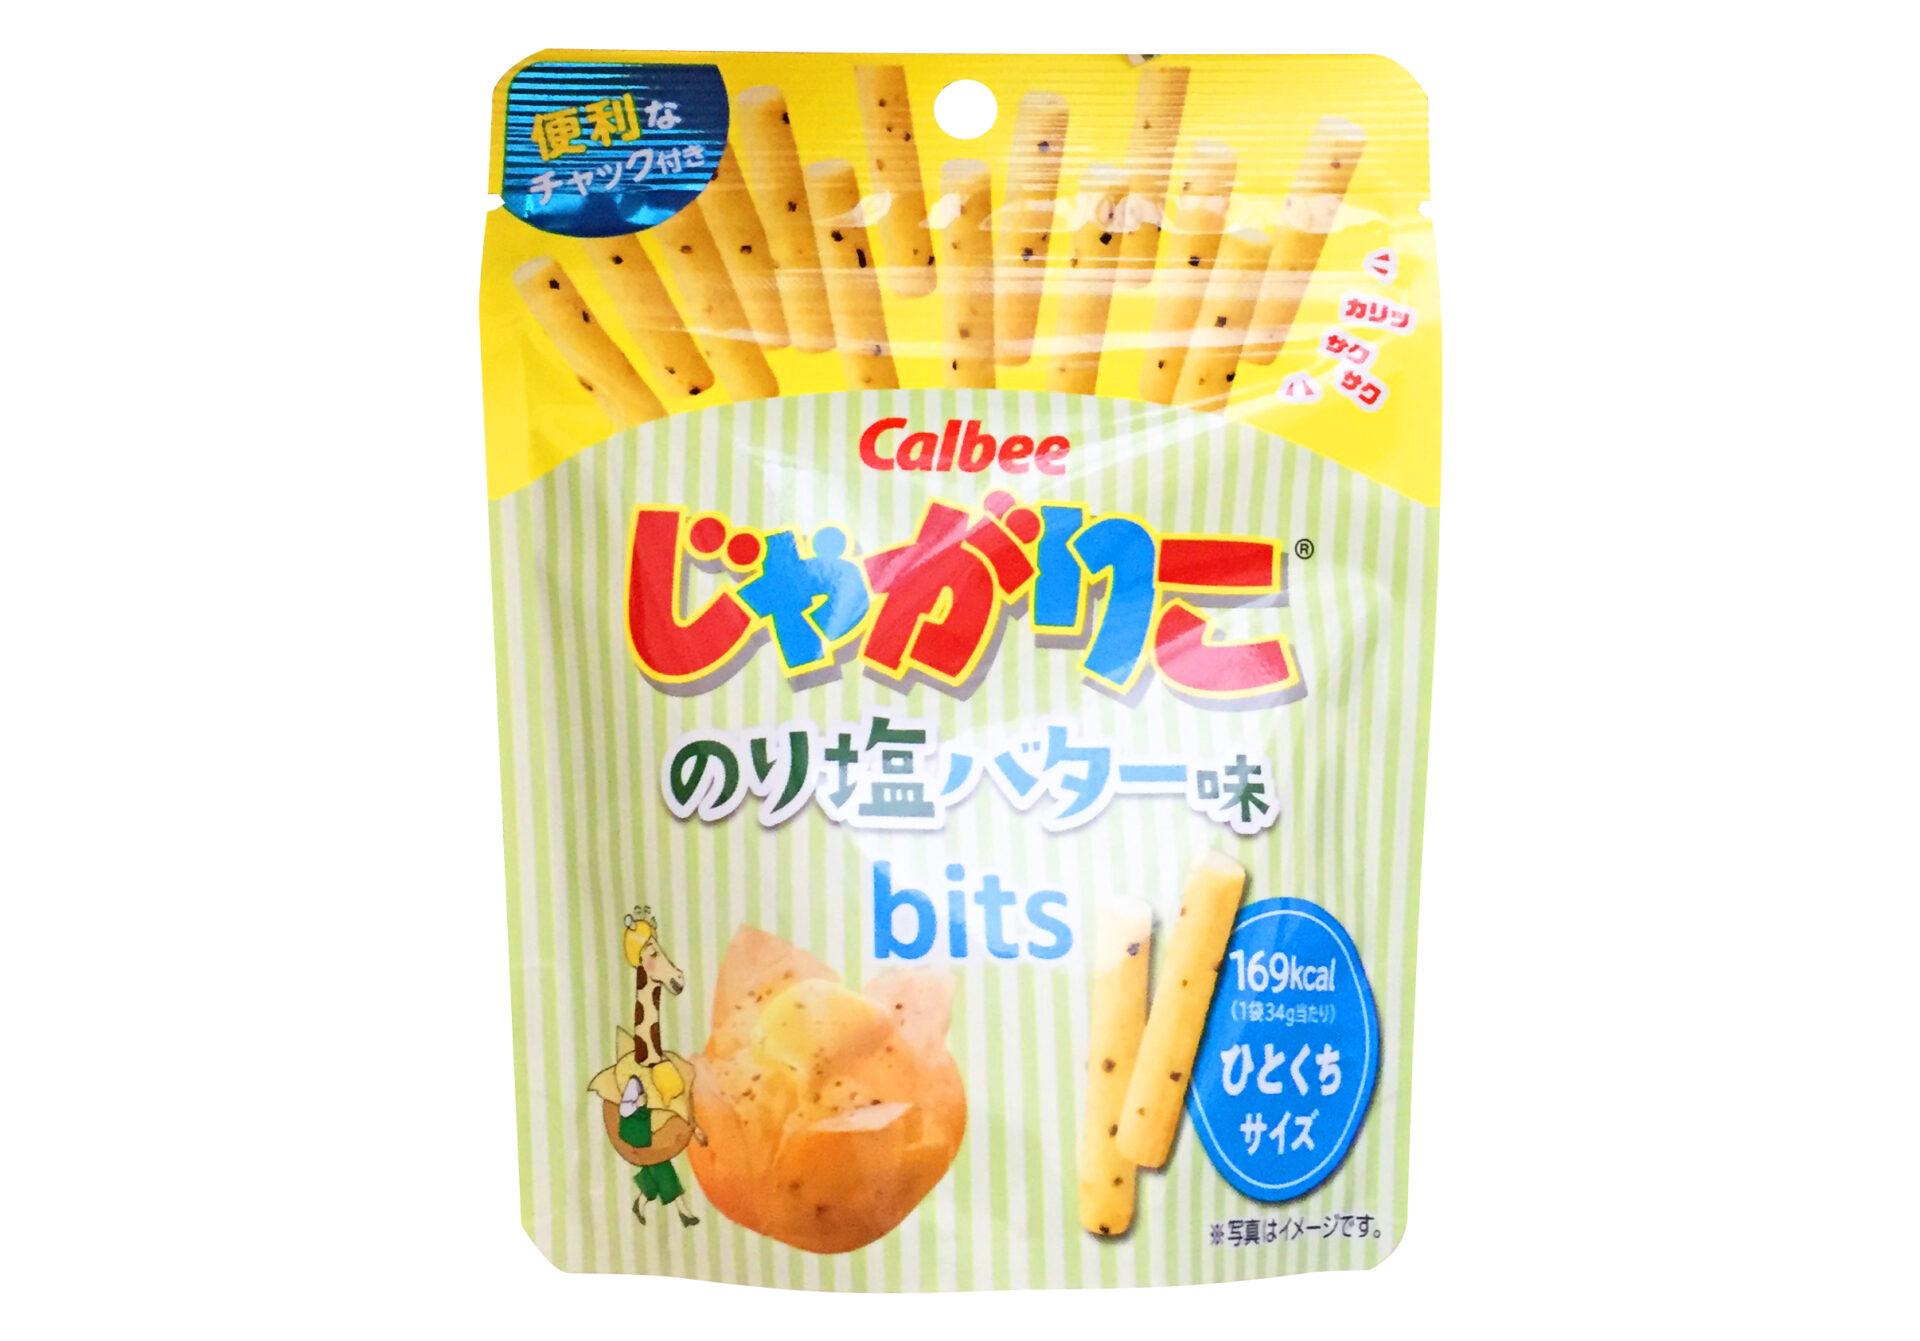 カルビー『じゃがりこ のり塩バター味bits』